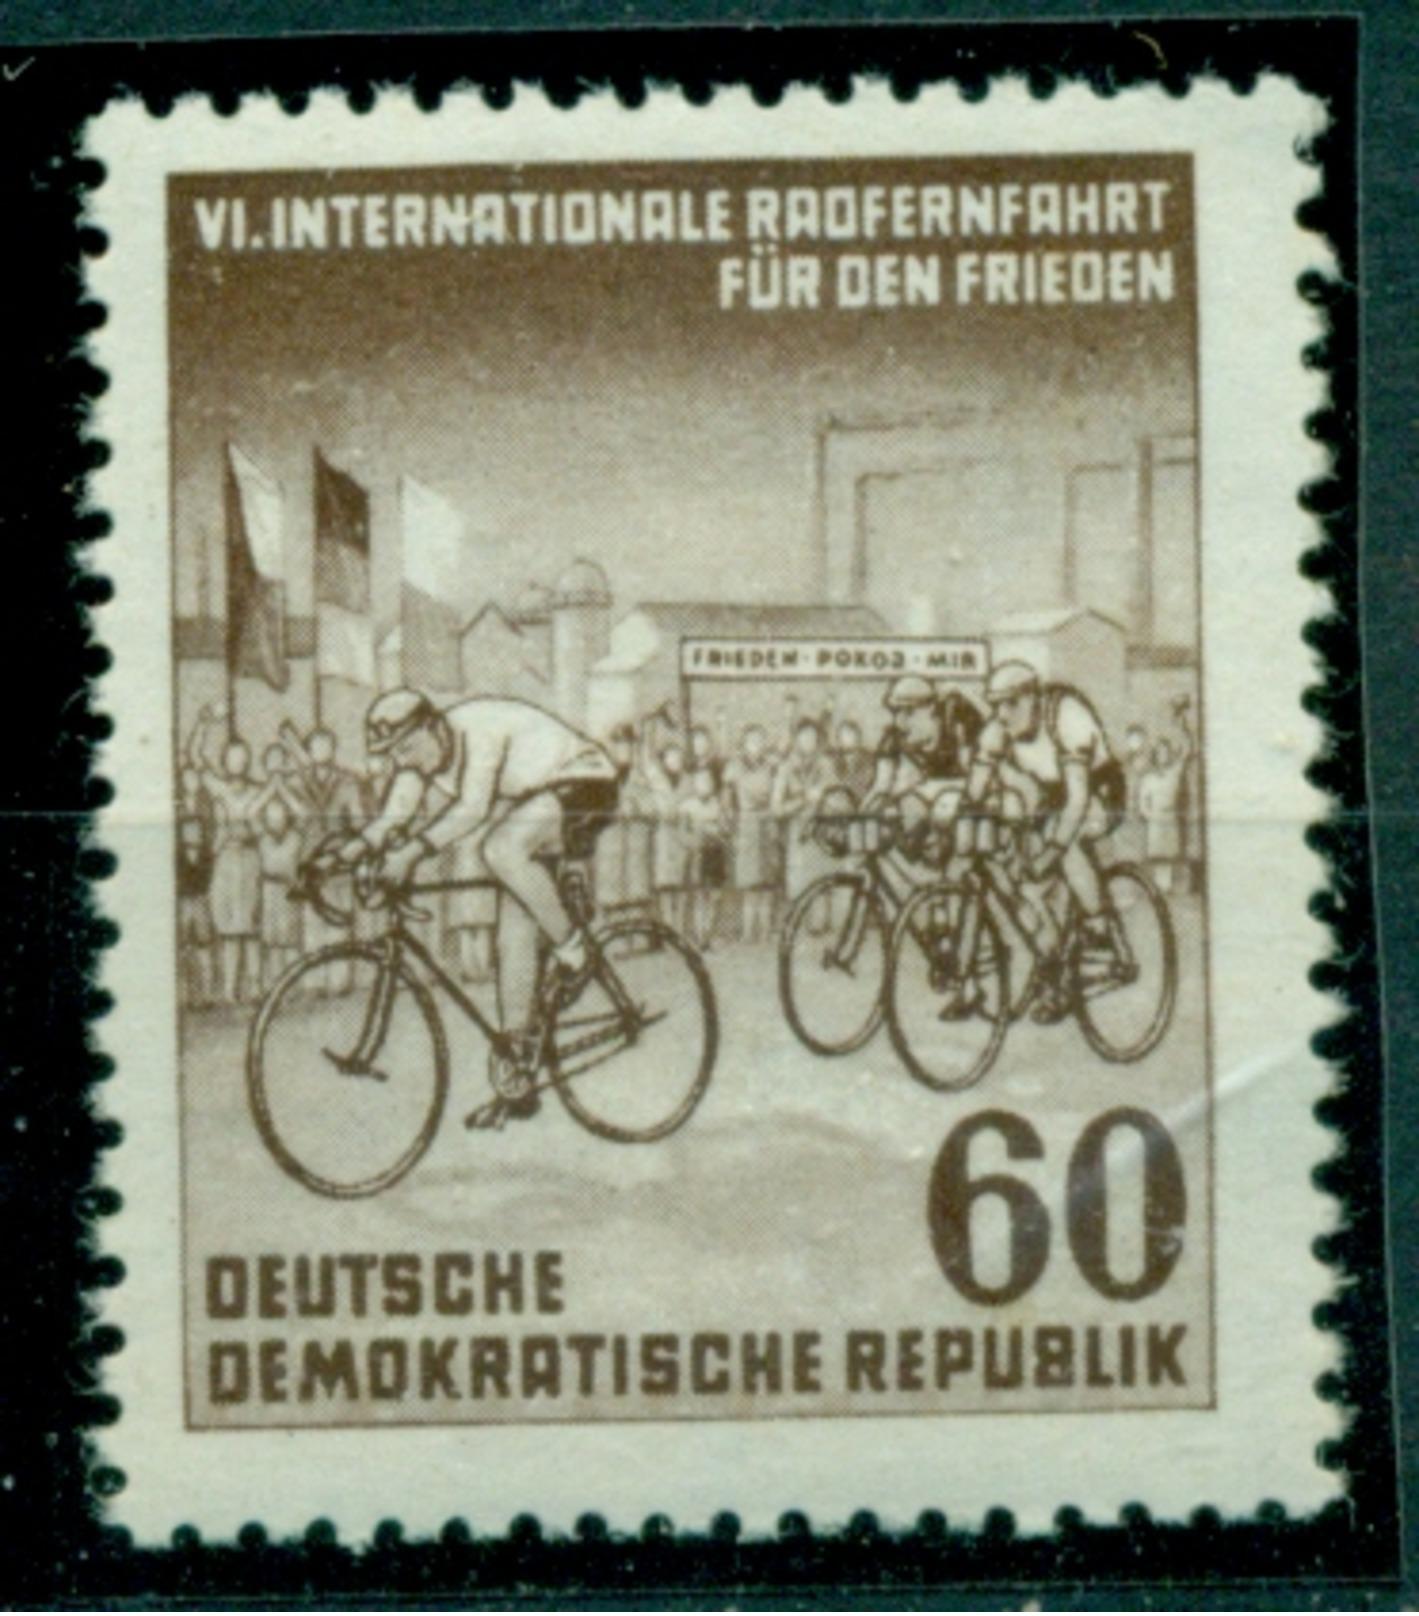 DDR. Friedensfahrt, Nr. 357 Postfrisch ** PF I Geprüft BPP - DDR